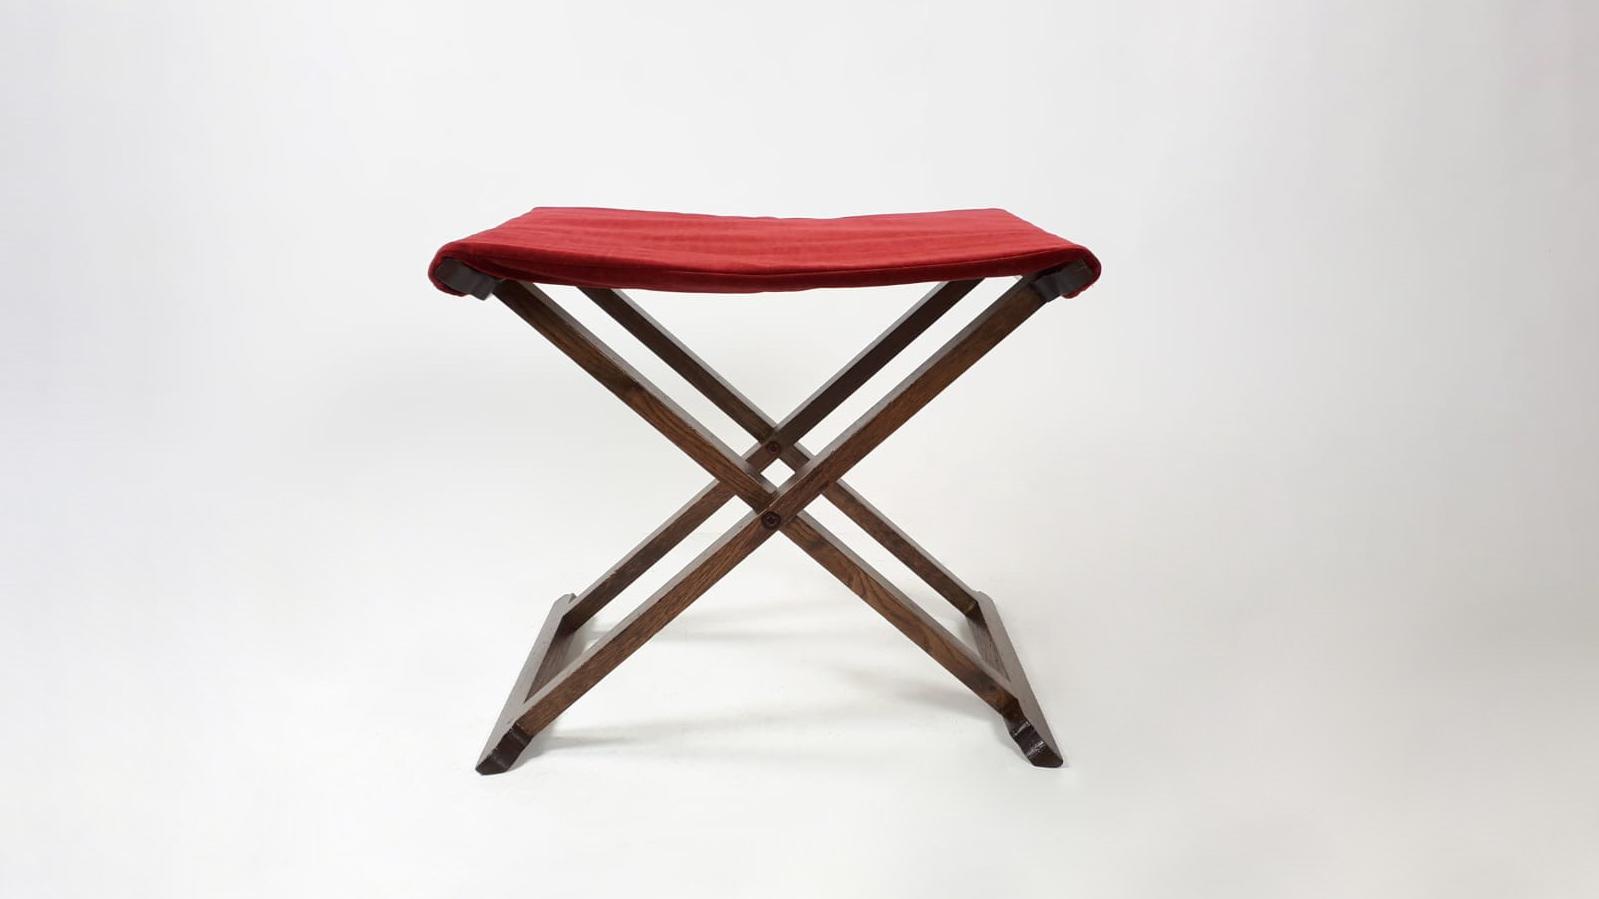 Mécénat de compétences sièges et fauteuils chateau de chambord Henryot & cie ployant face